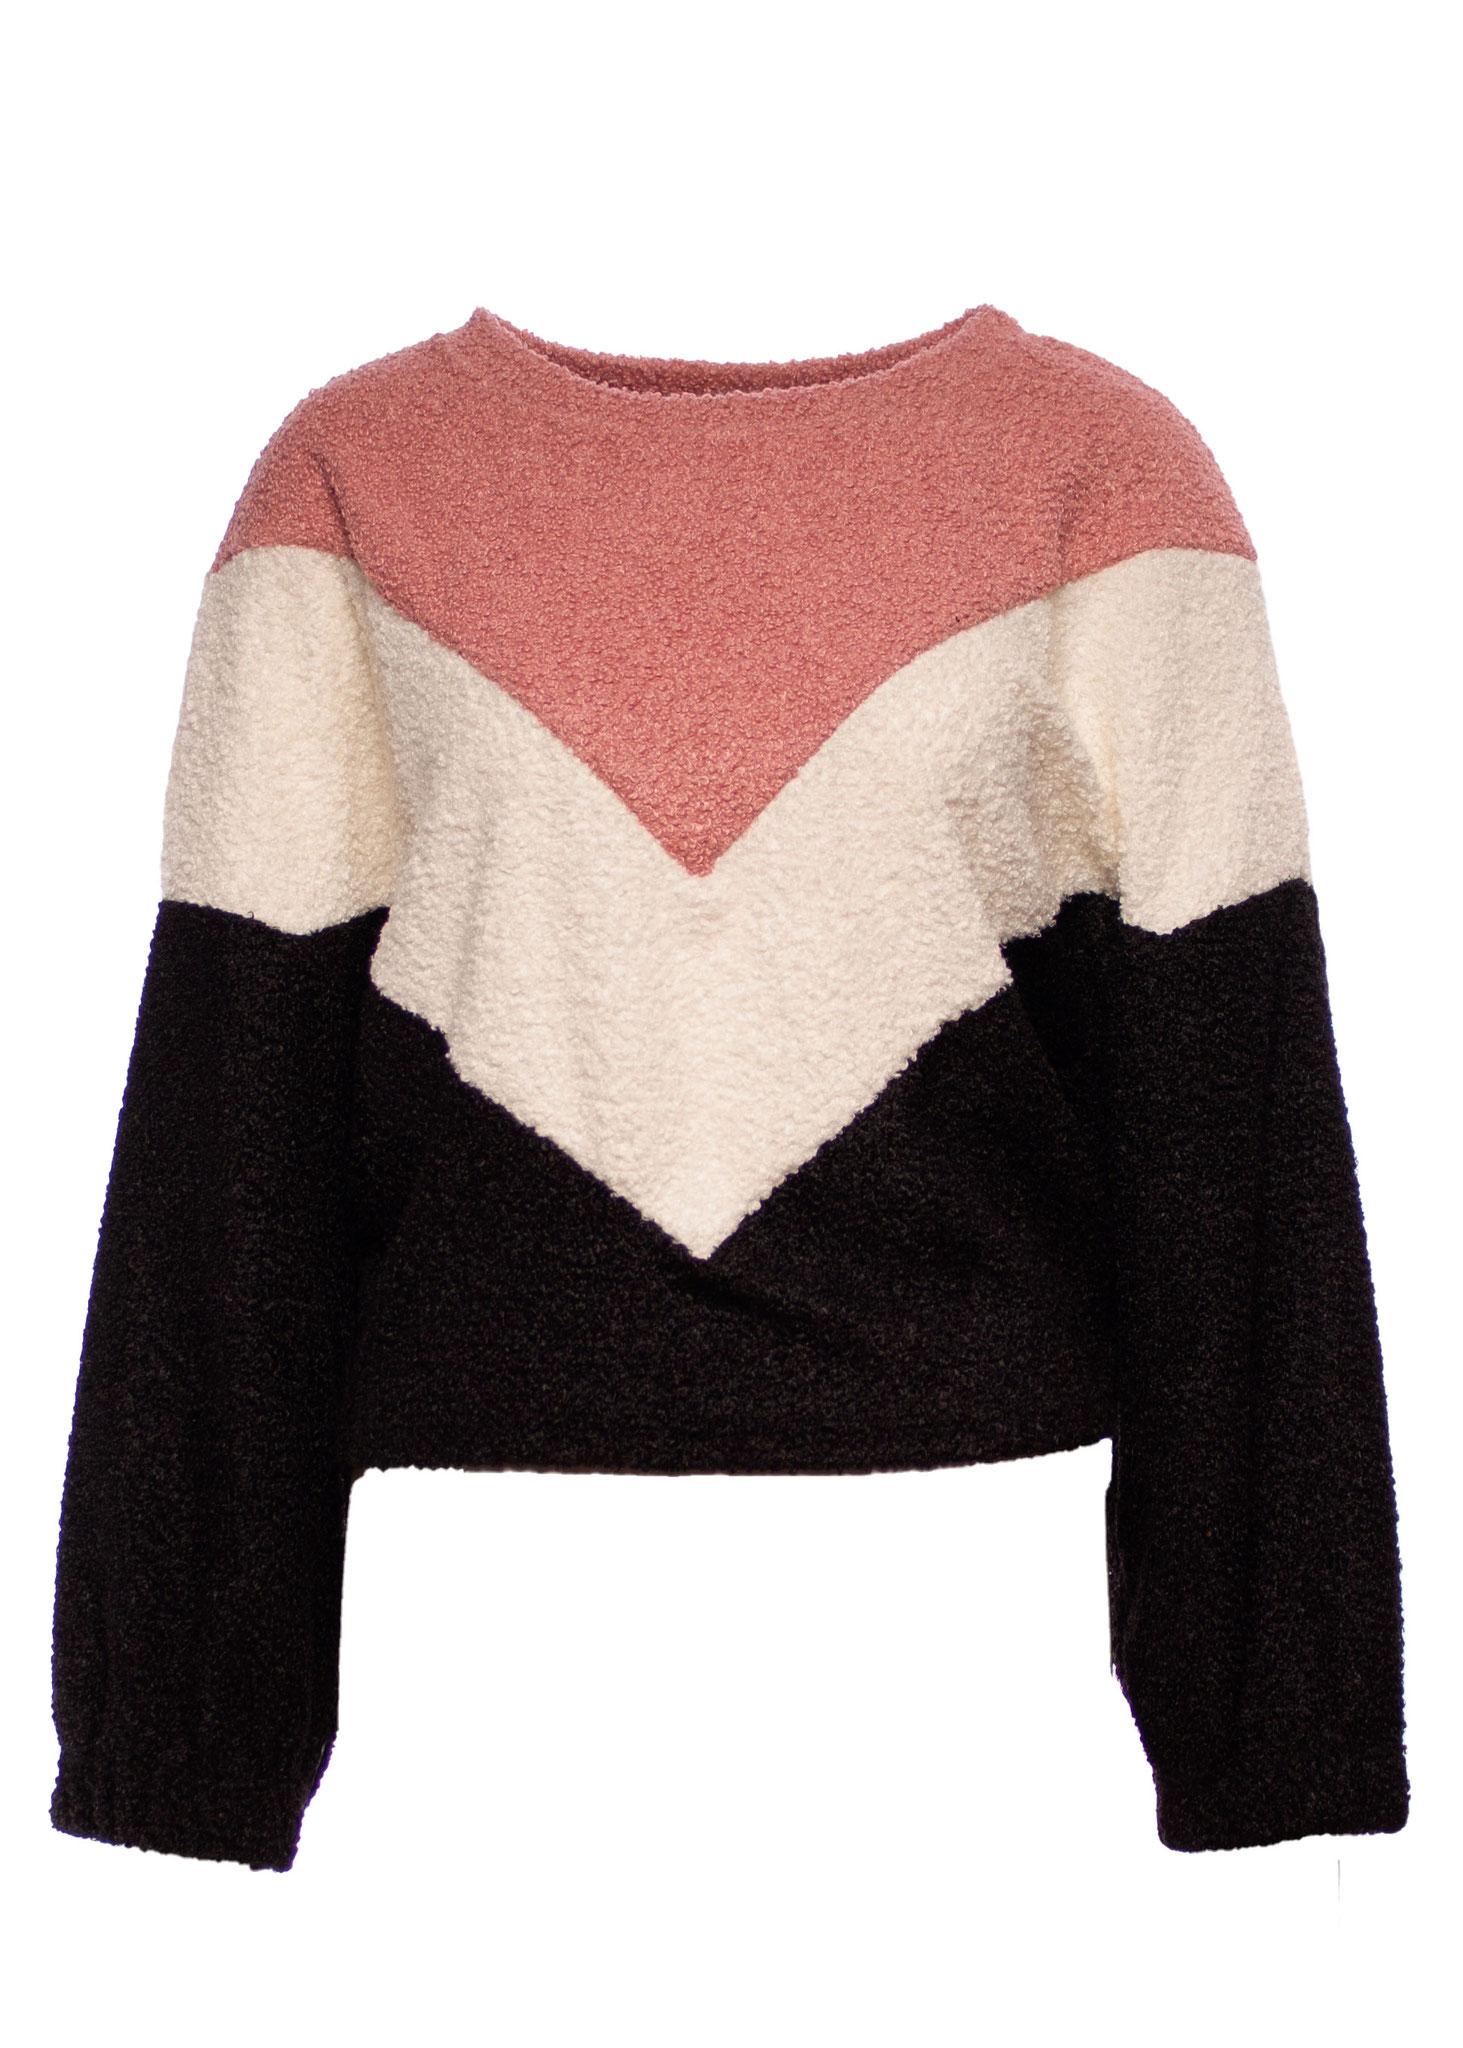 Sweatshirt Blockstreifen 29,99€